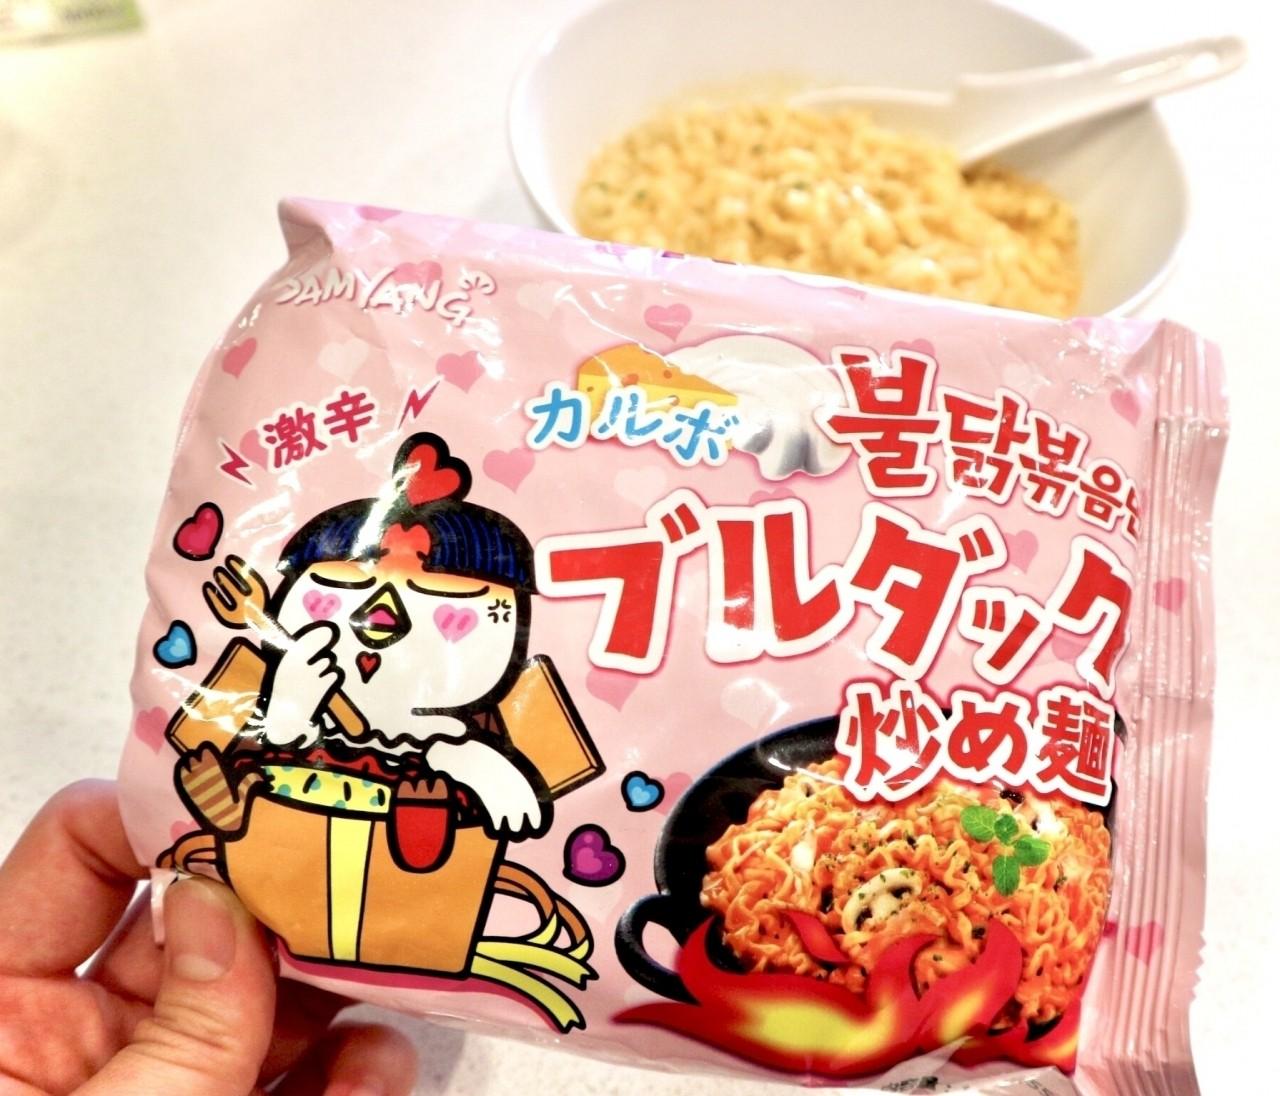 【プルダック炒め麺】辛いの苦手でもを美味しく食べる方法!!